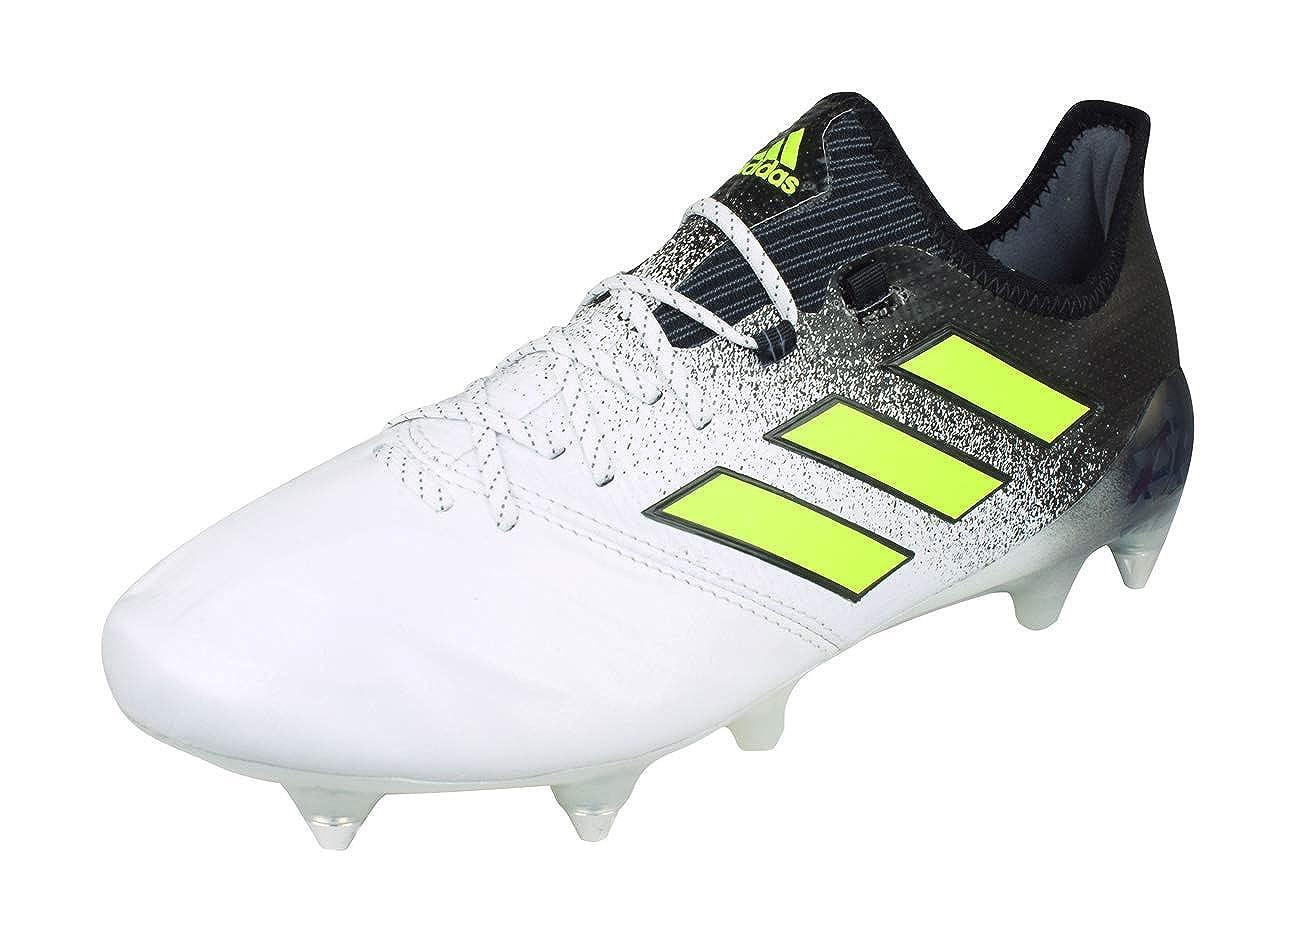 Adidas Herren Ace 17.1 Soft Ground Football Stiefel Stiefel Stiefel Fitnessschuhe 3bb016